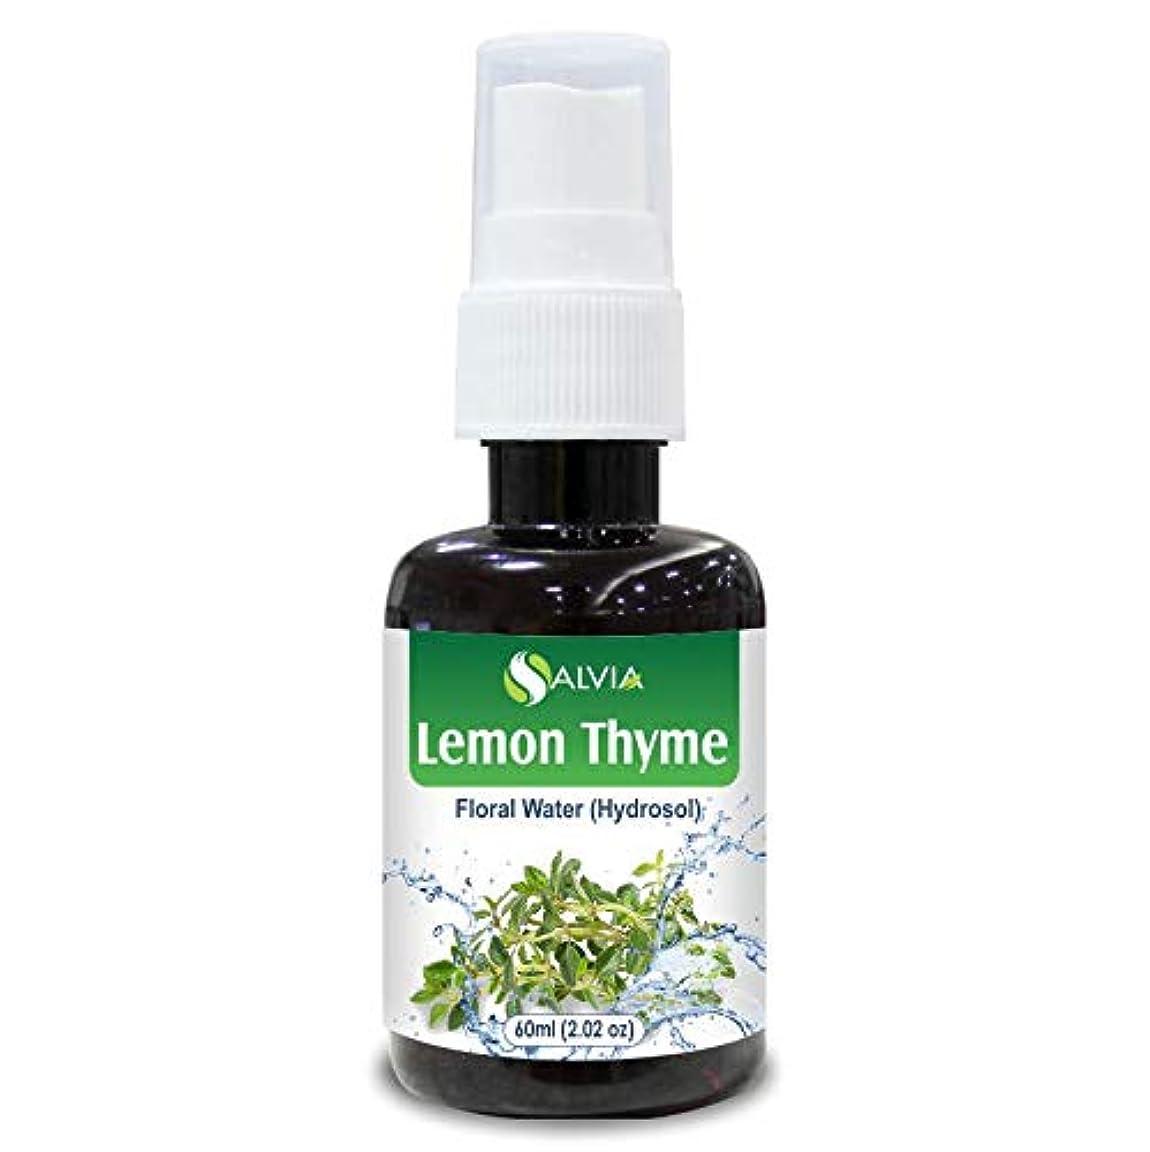 チョーク生態学ギャングLemon Thyme Floral Water 60ml (Hydrosol) 100% Pure And Natural